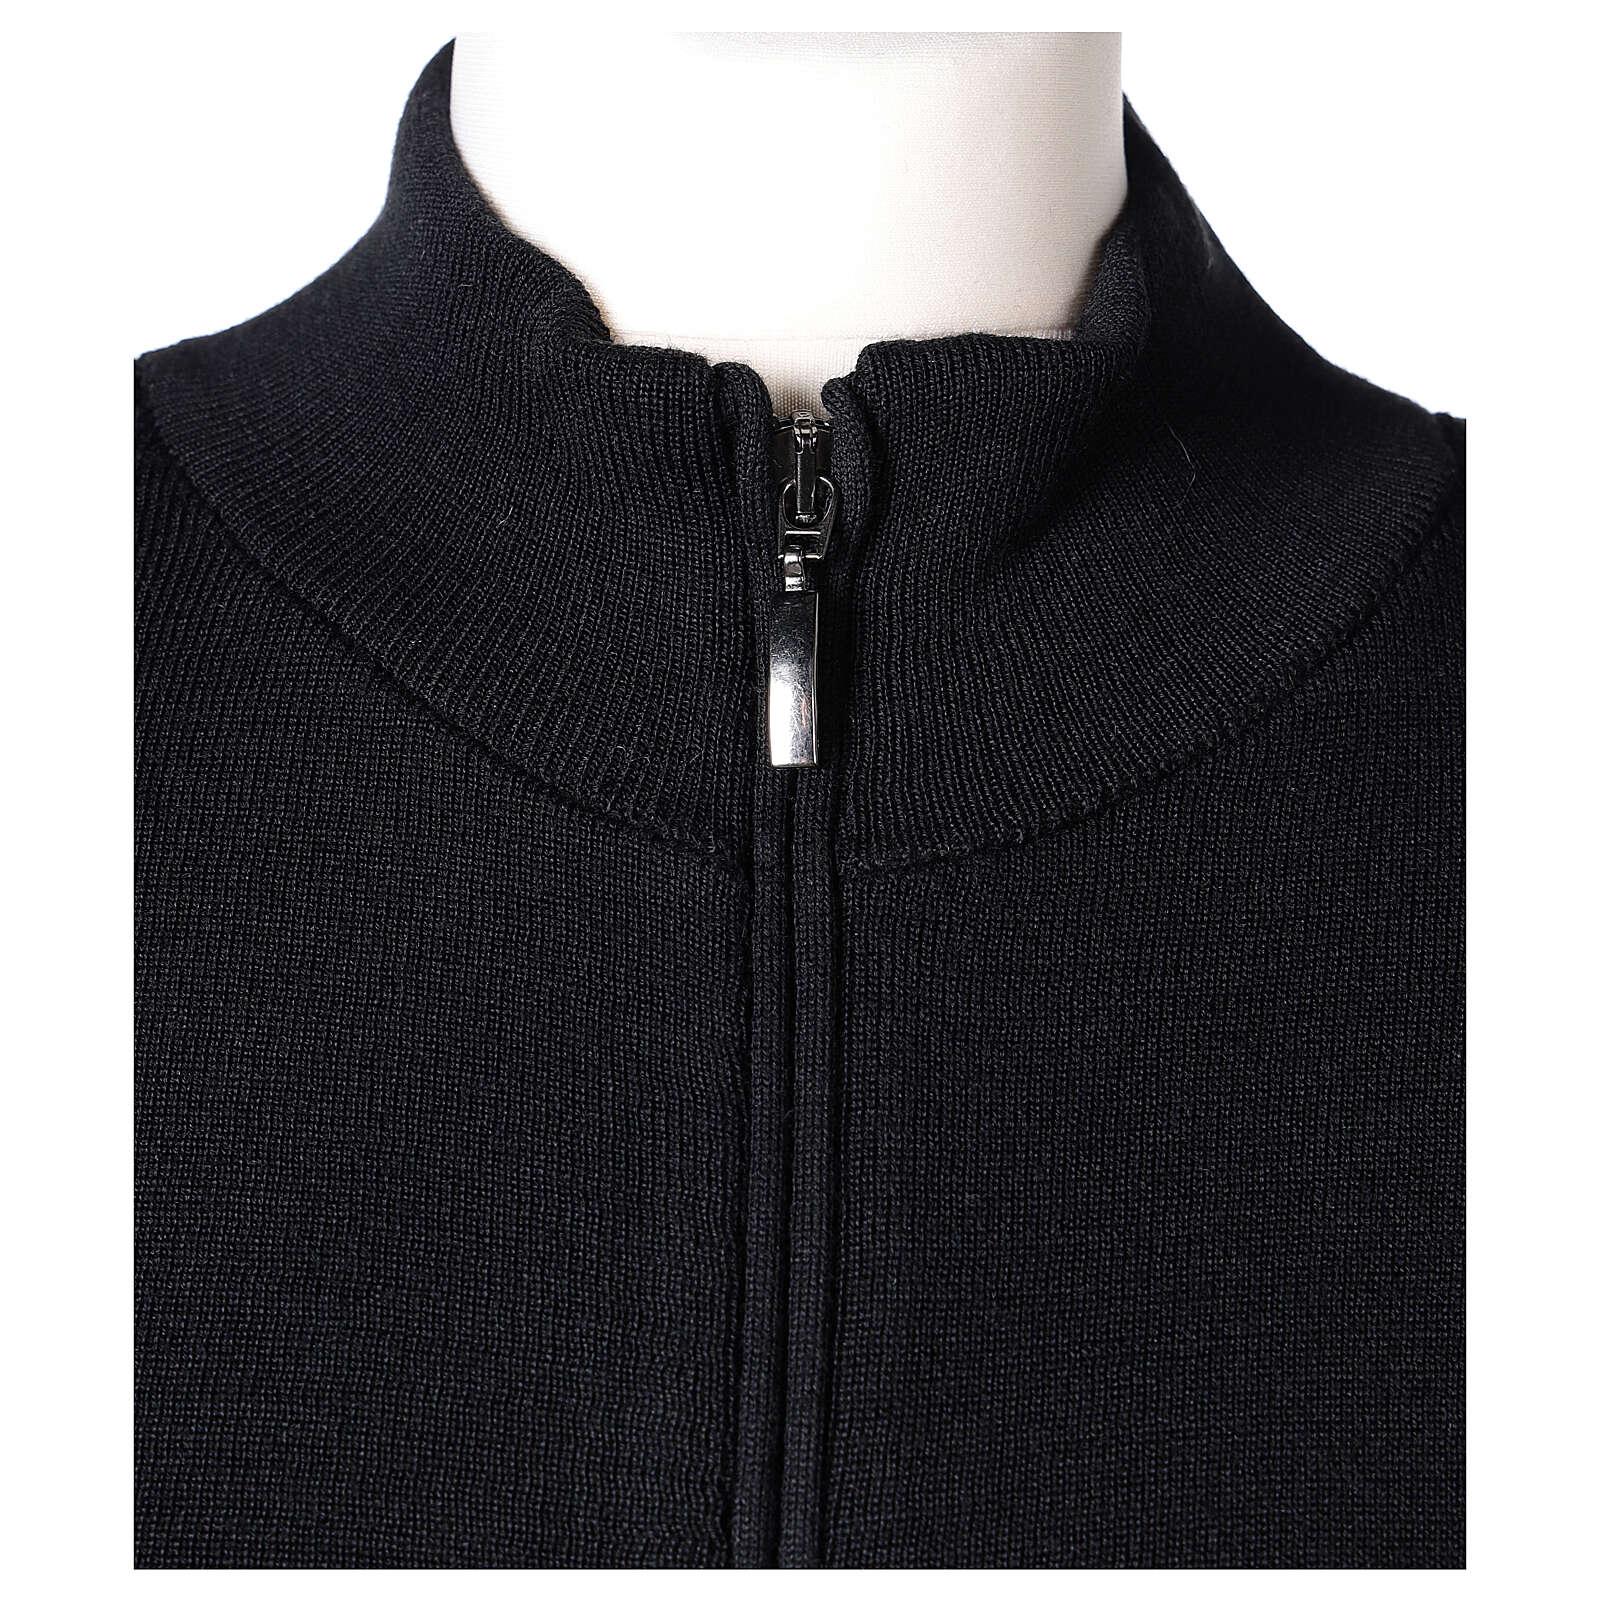 Jacke mit Stehkragen und Reißverschluß, schwarz, 50% Acryl - 50% Merinowolle, In Primis 4